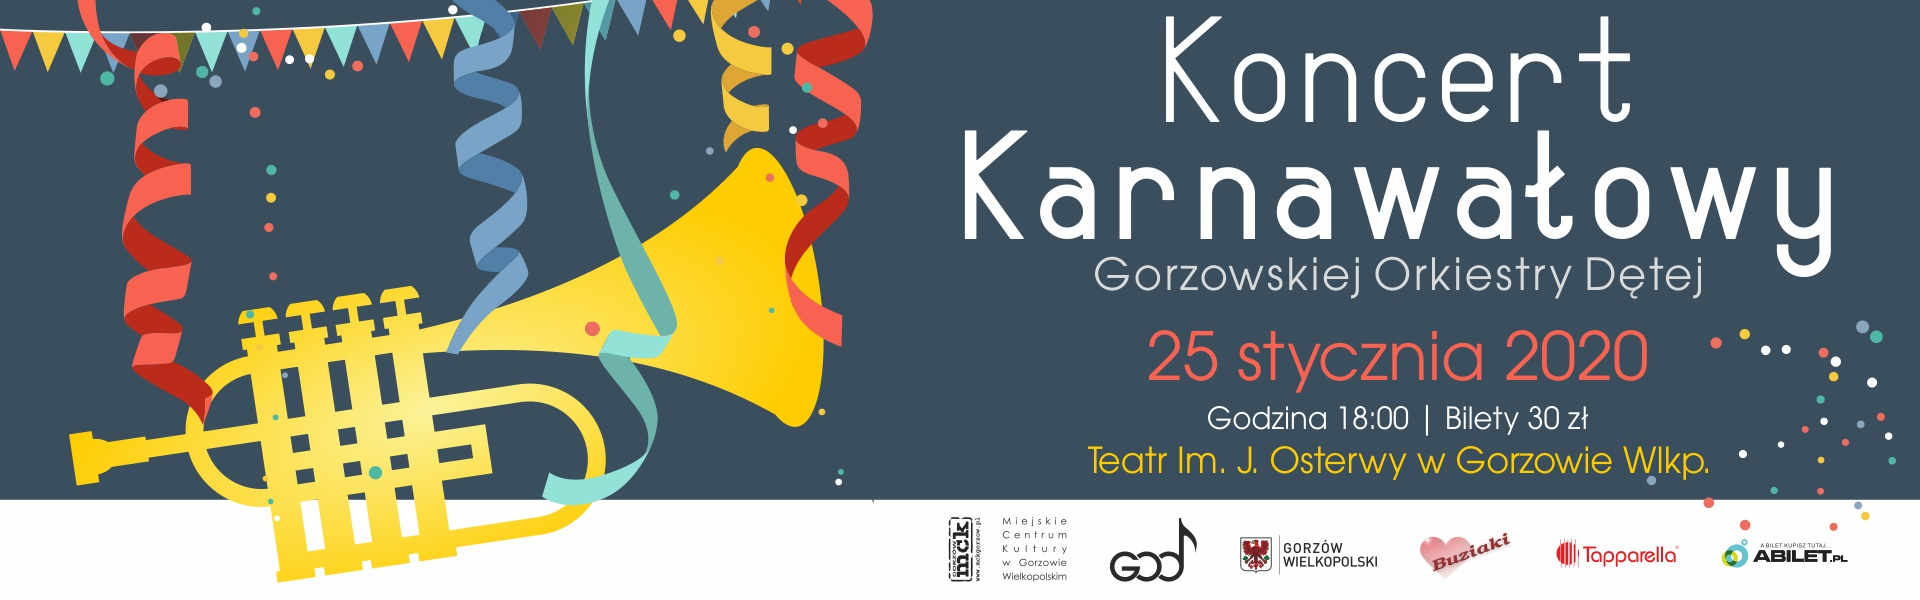 Koncert Karnawałowy Gorzowskiej Orkiestry Dętej